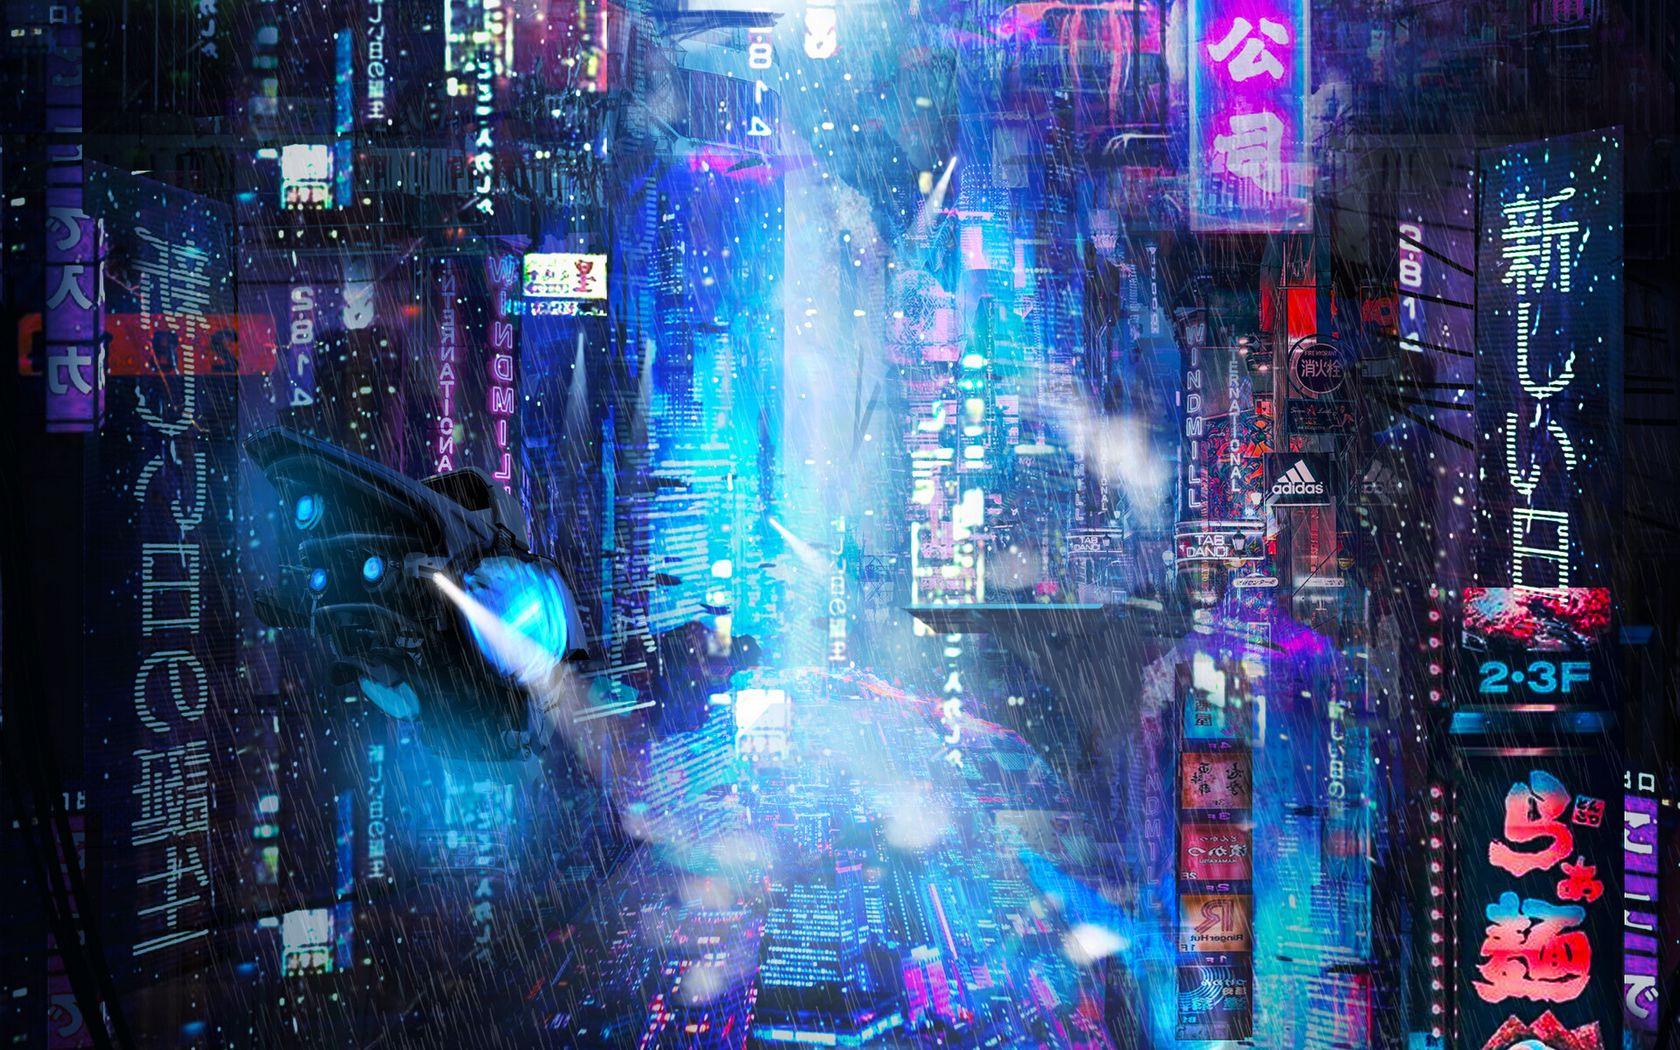 1680x1050 Wallpaper future, neon, city, rain